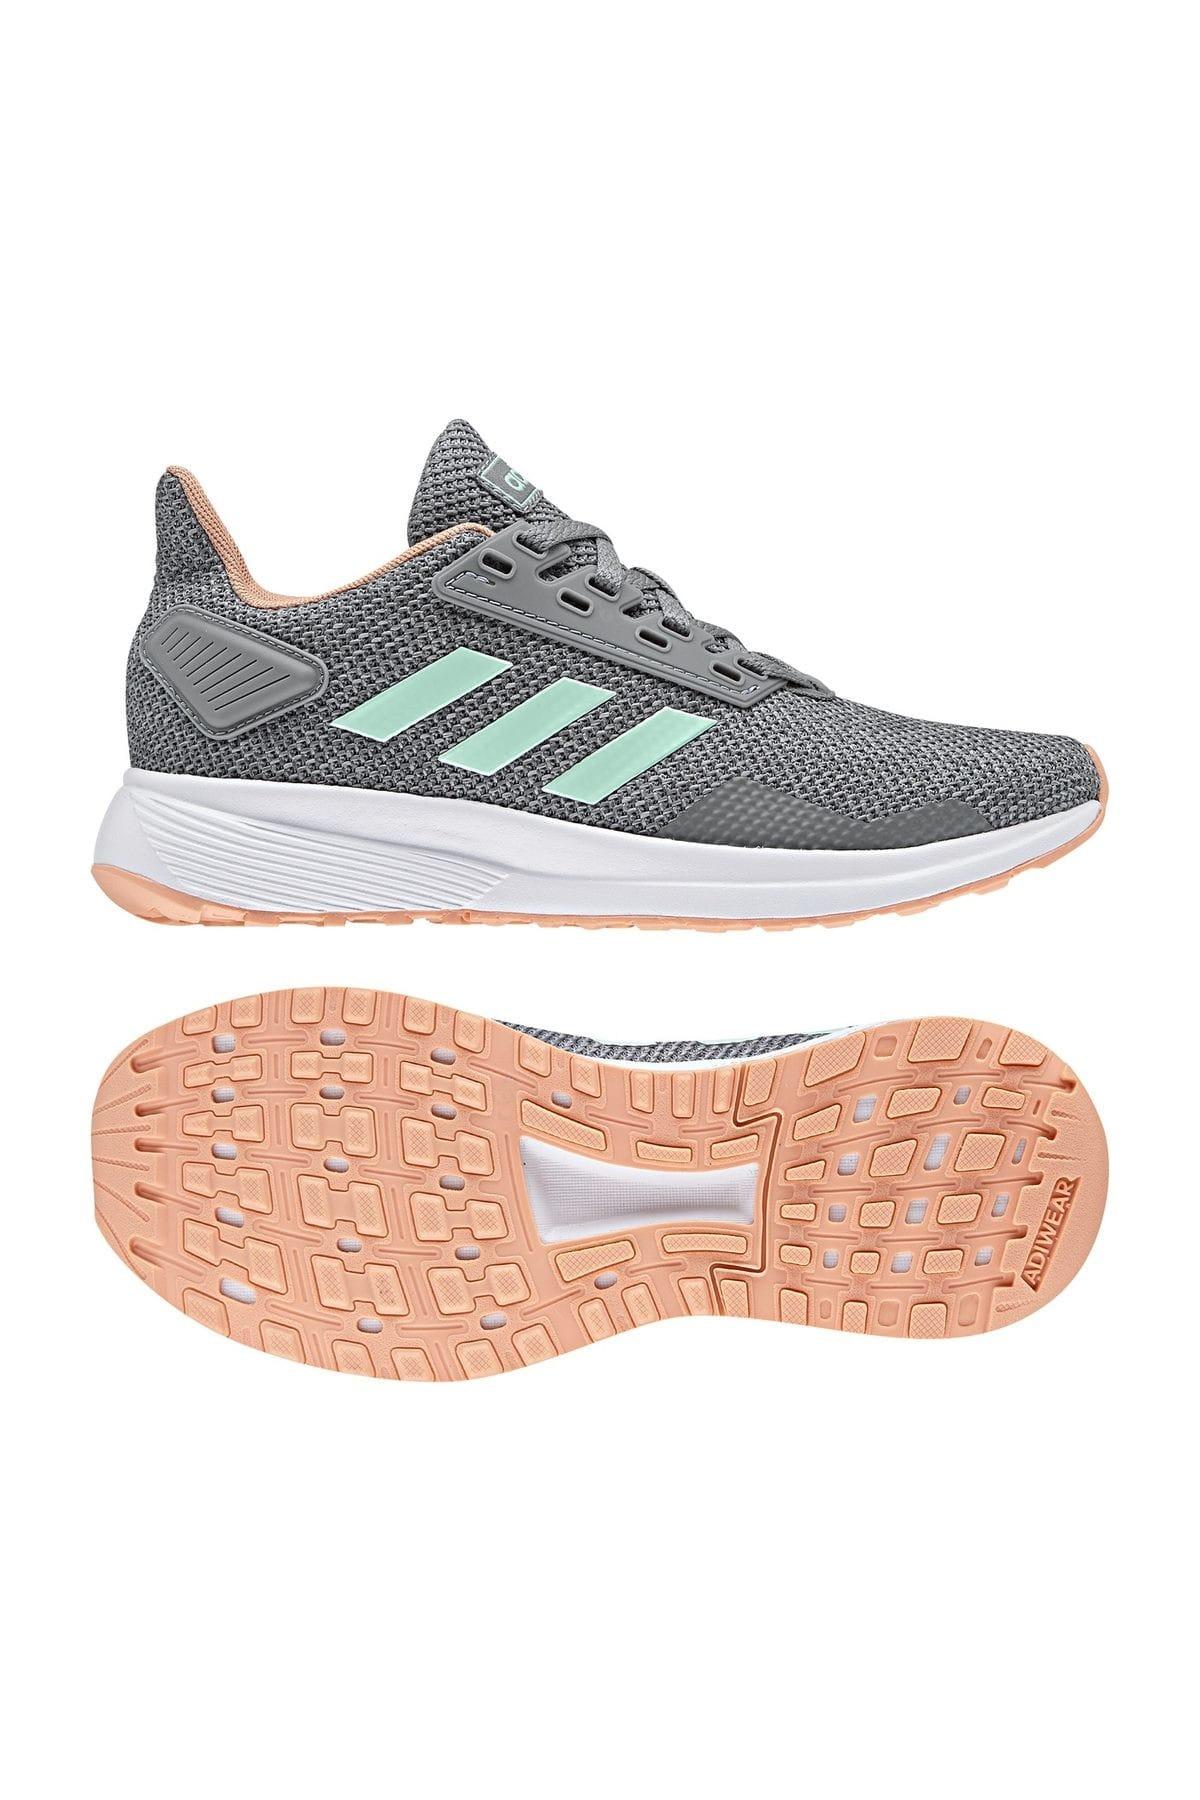 adidas Duramo 9 K Gri Koşu Ayakkabısı 100350569 1